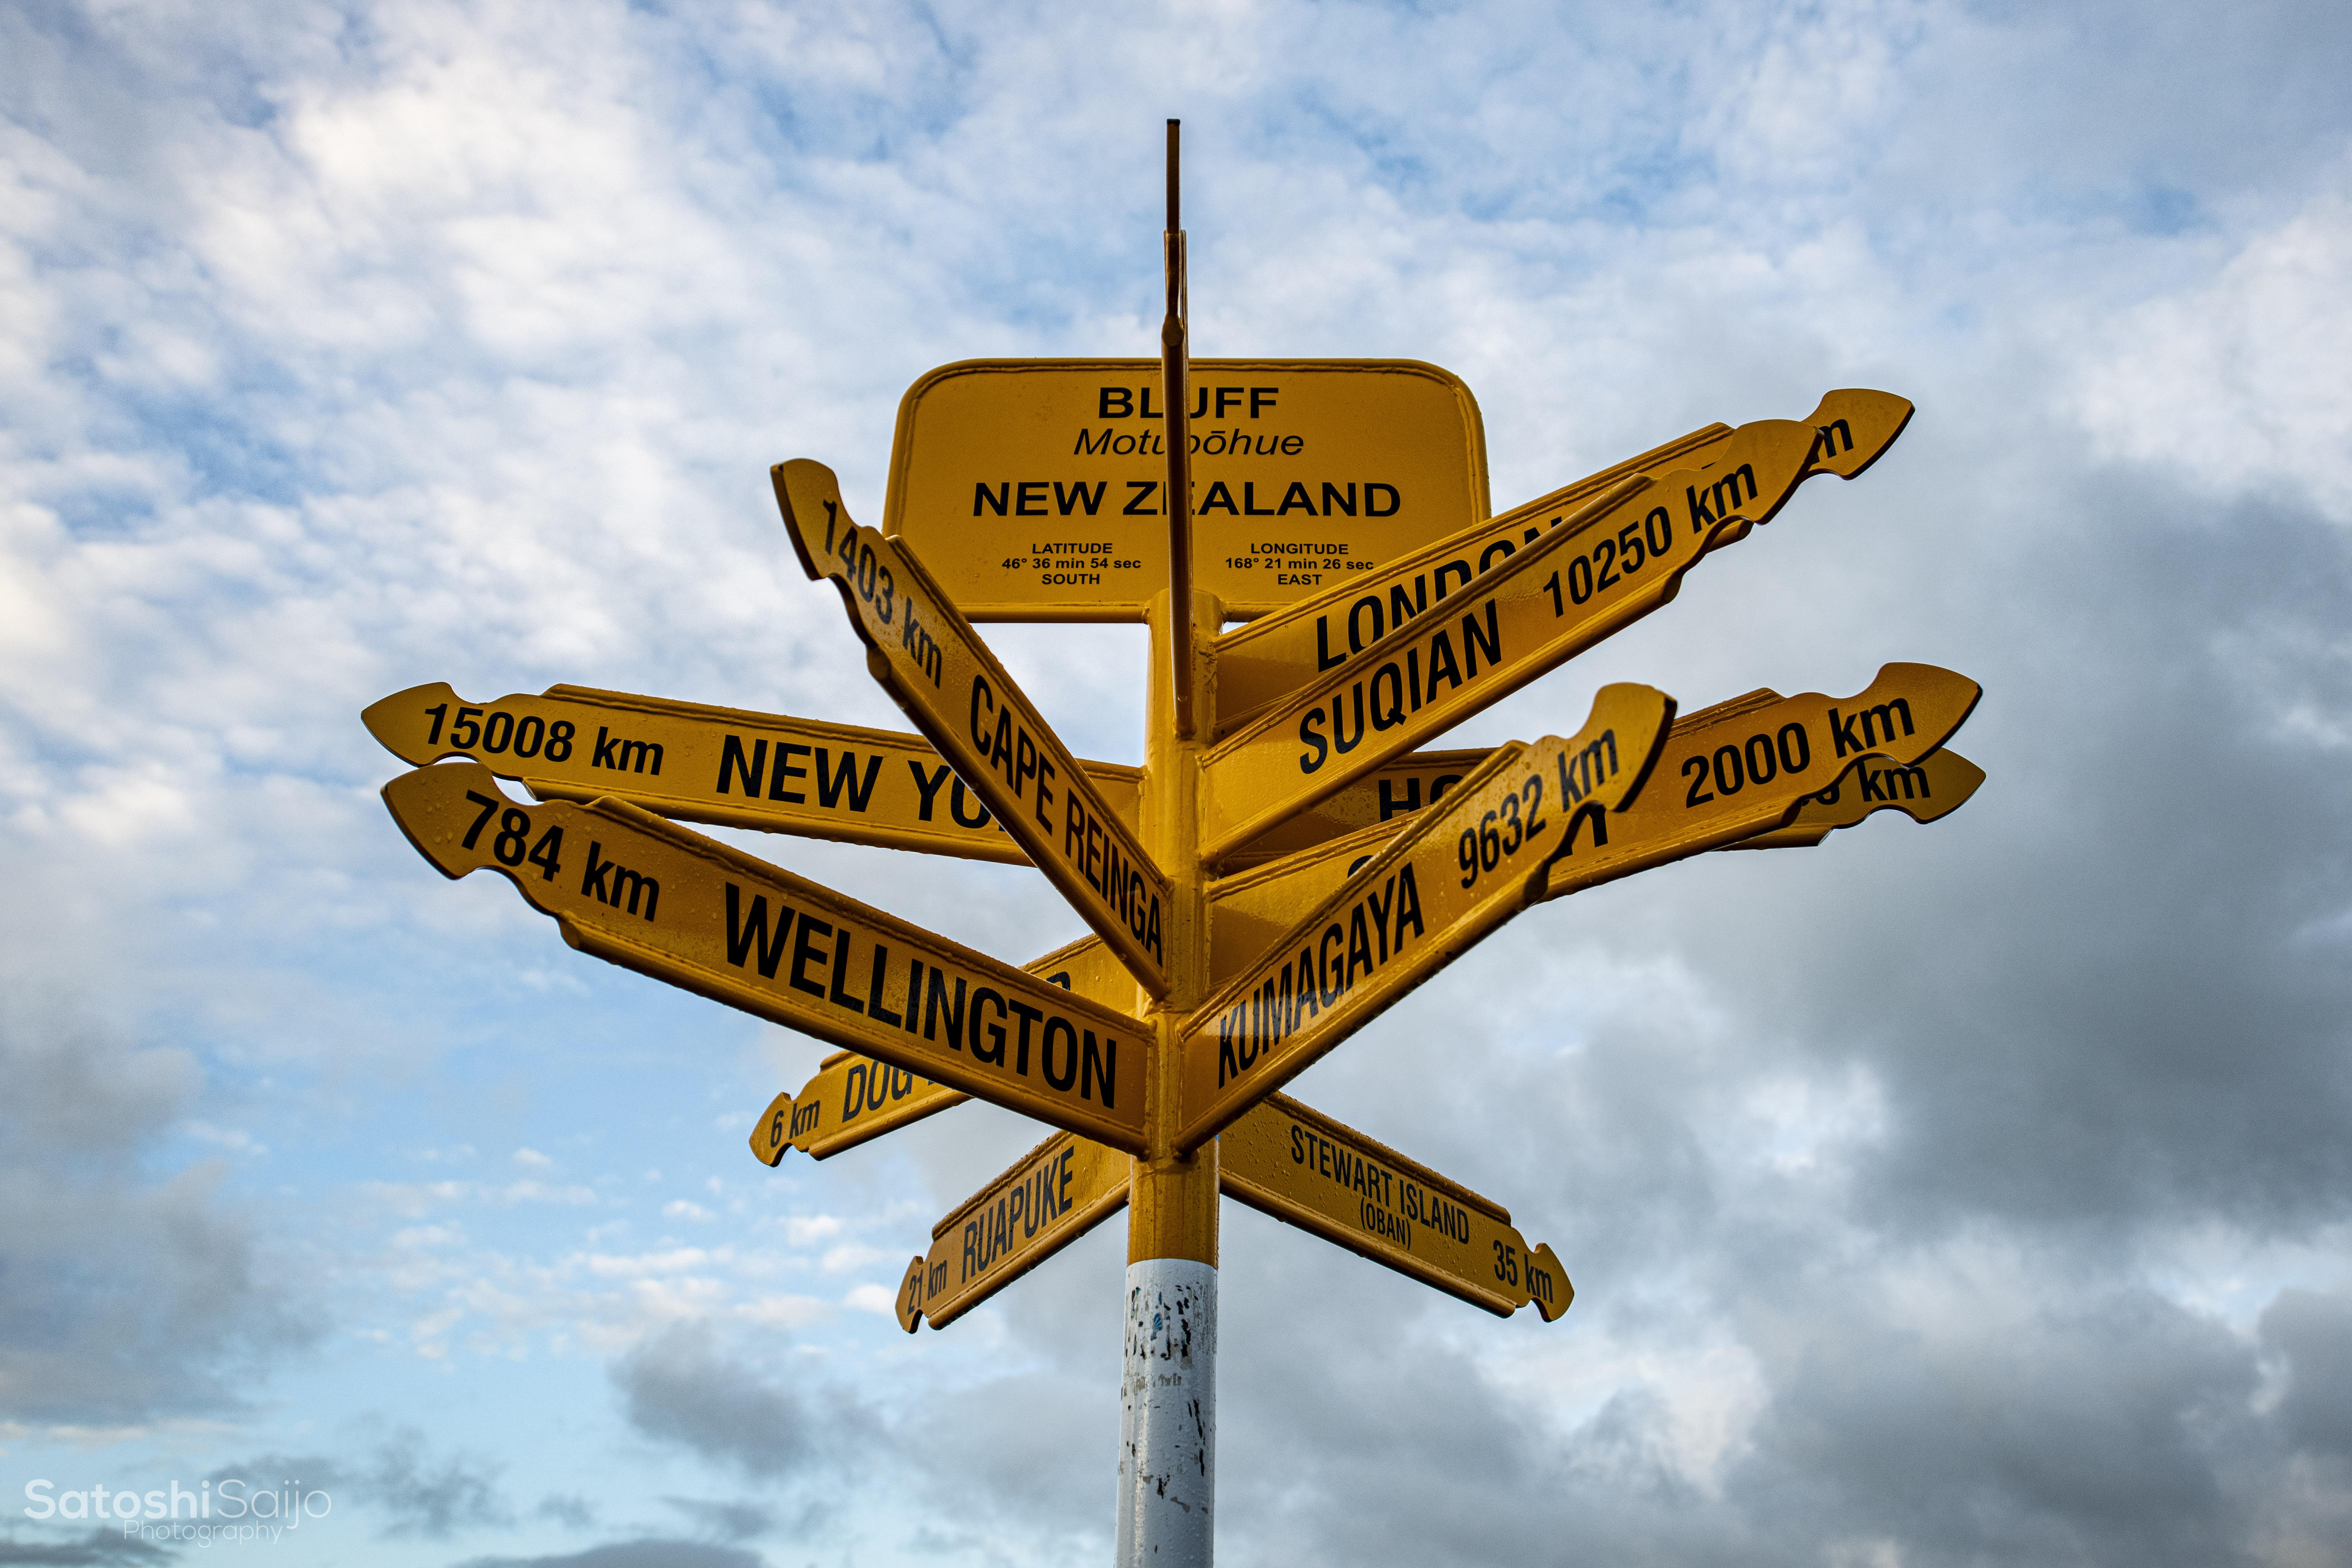 ニュージーランドトリップ【キャンピングカーの旅】Day5〜Day6 ブラフ〜インバーカーギル〜ワナカ〜ロイズピーク